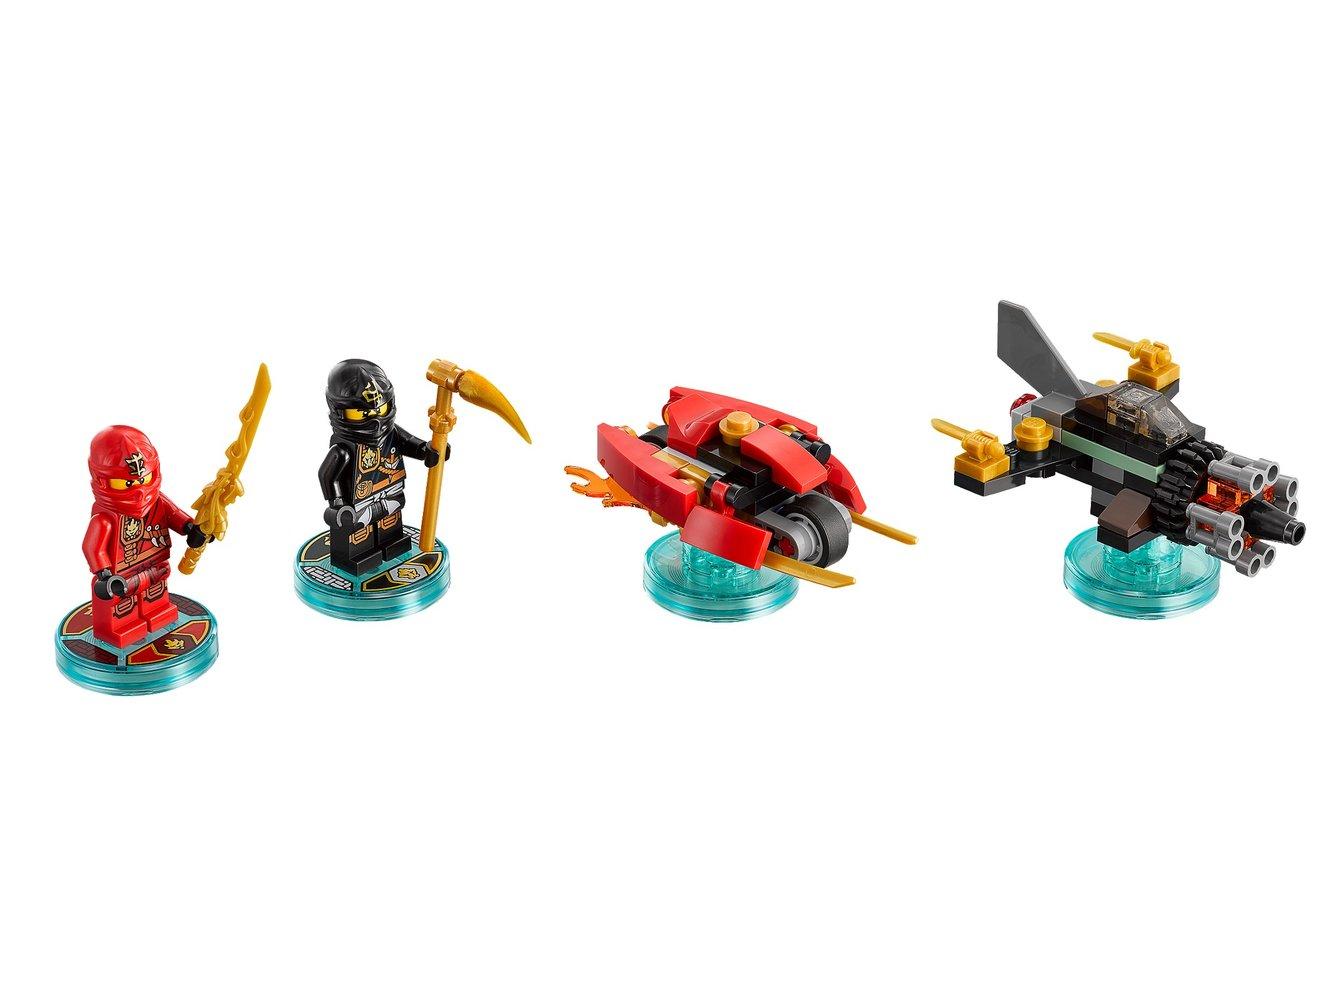 Ninjago Team Pack